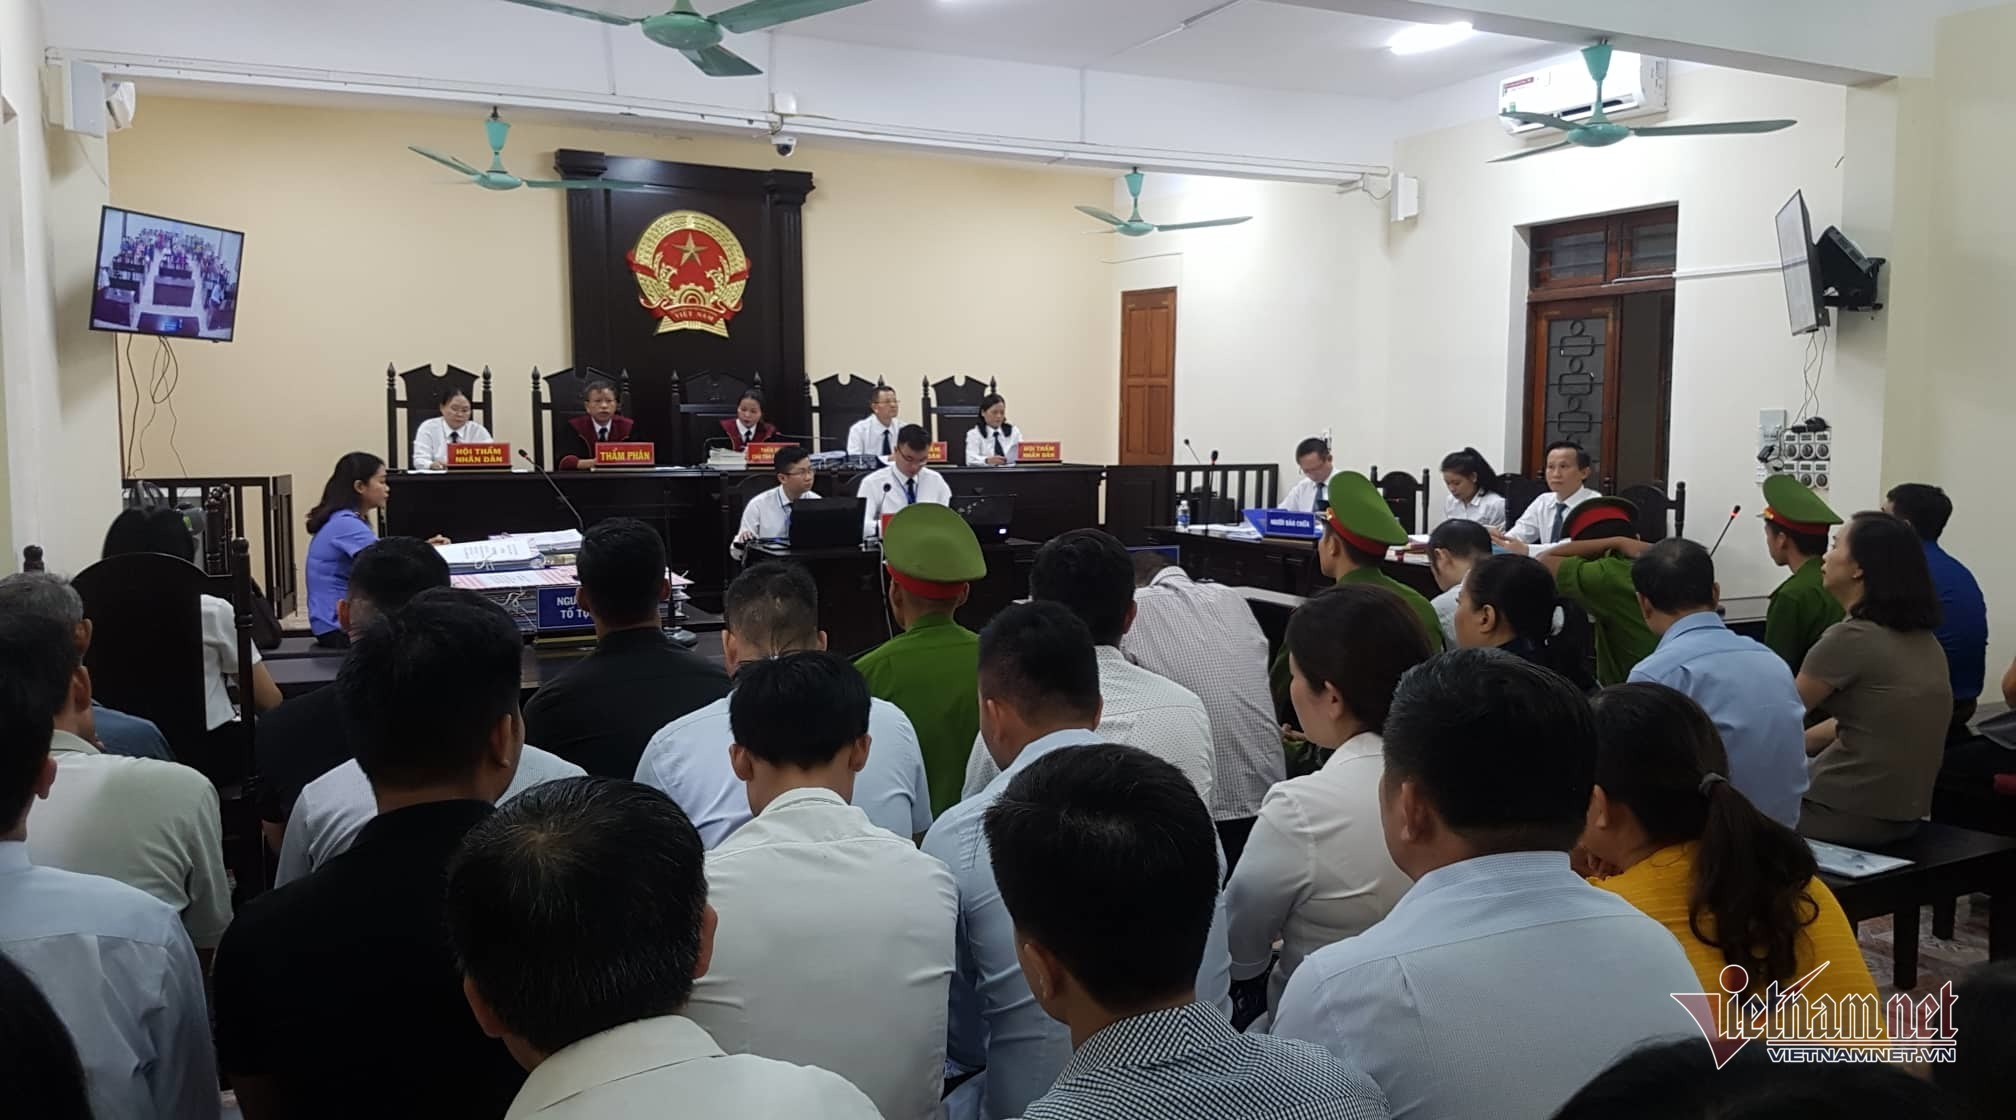 Hà Giang,tiêu cực điểm thi,kỳ thi THPT quốc gia,gian lận điểm thi